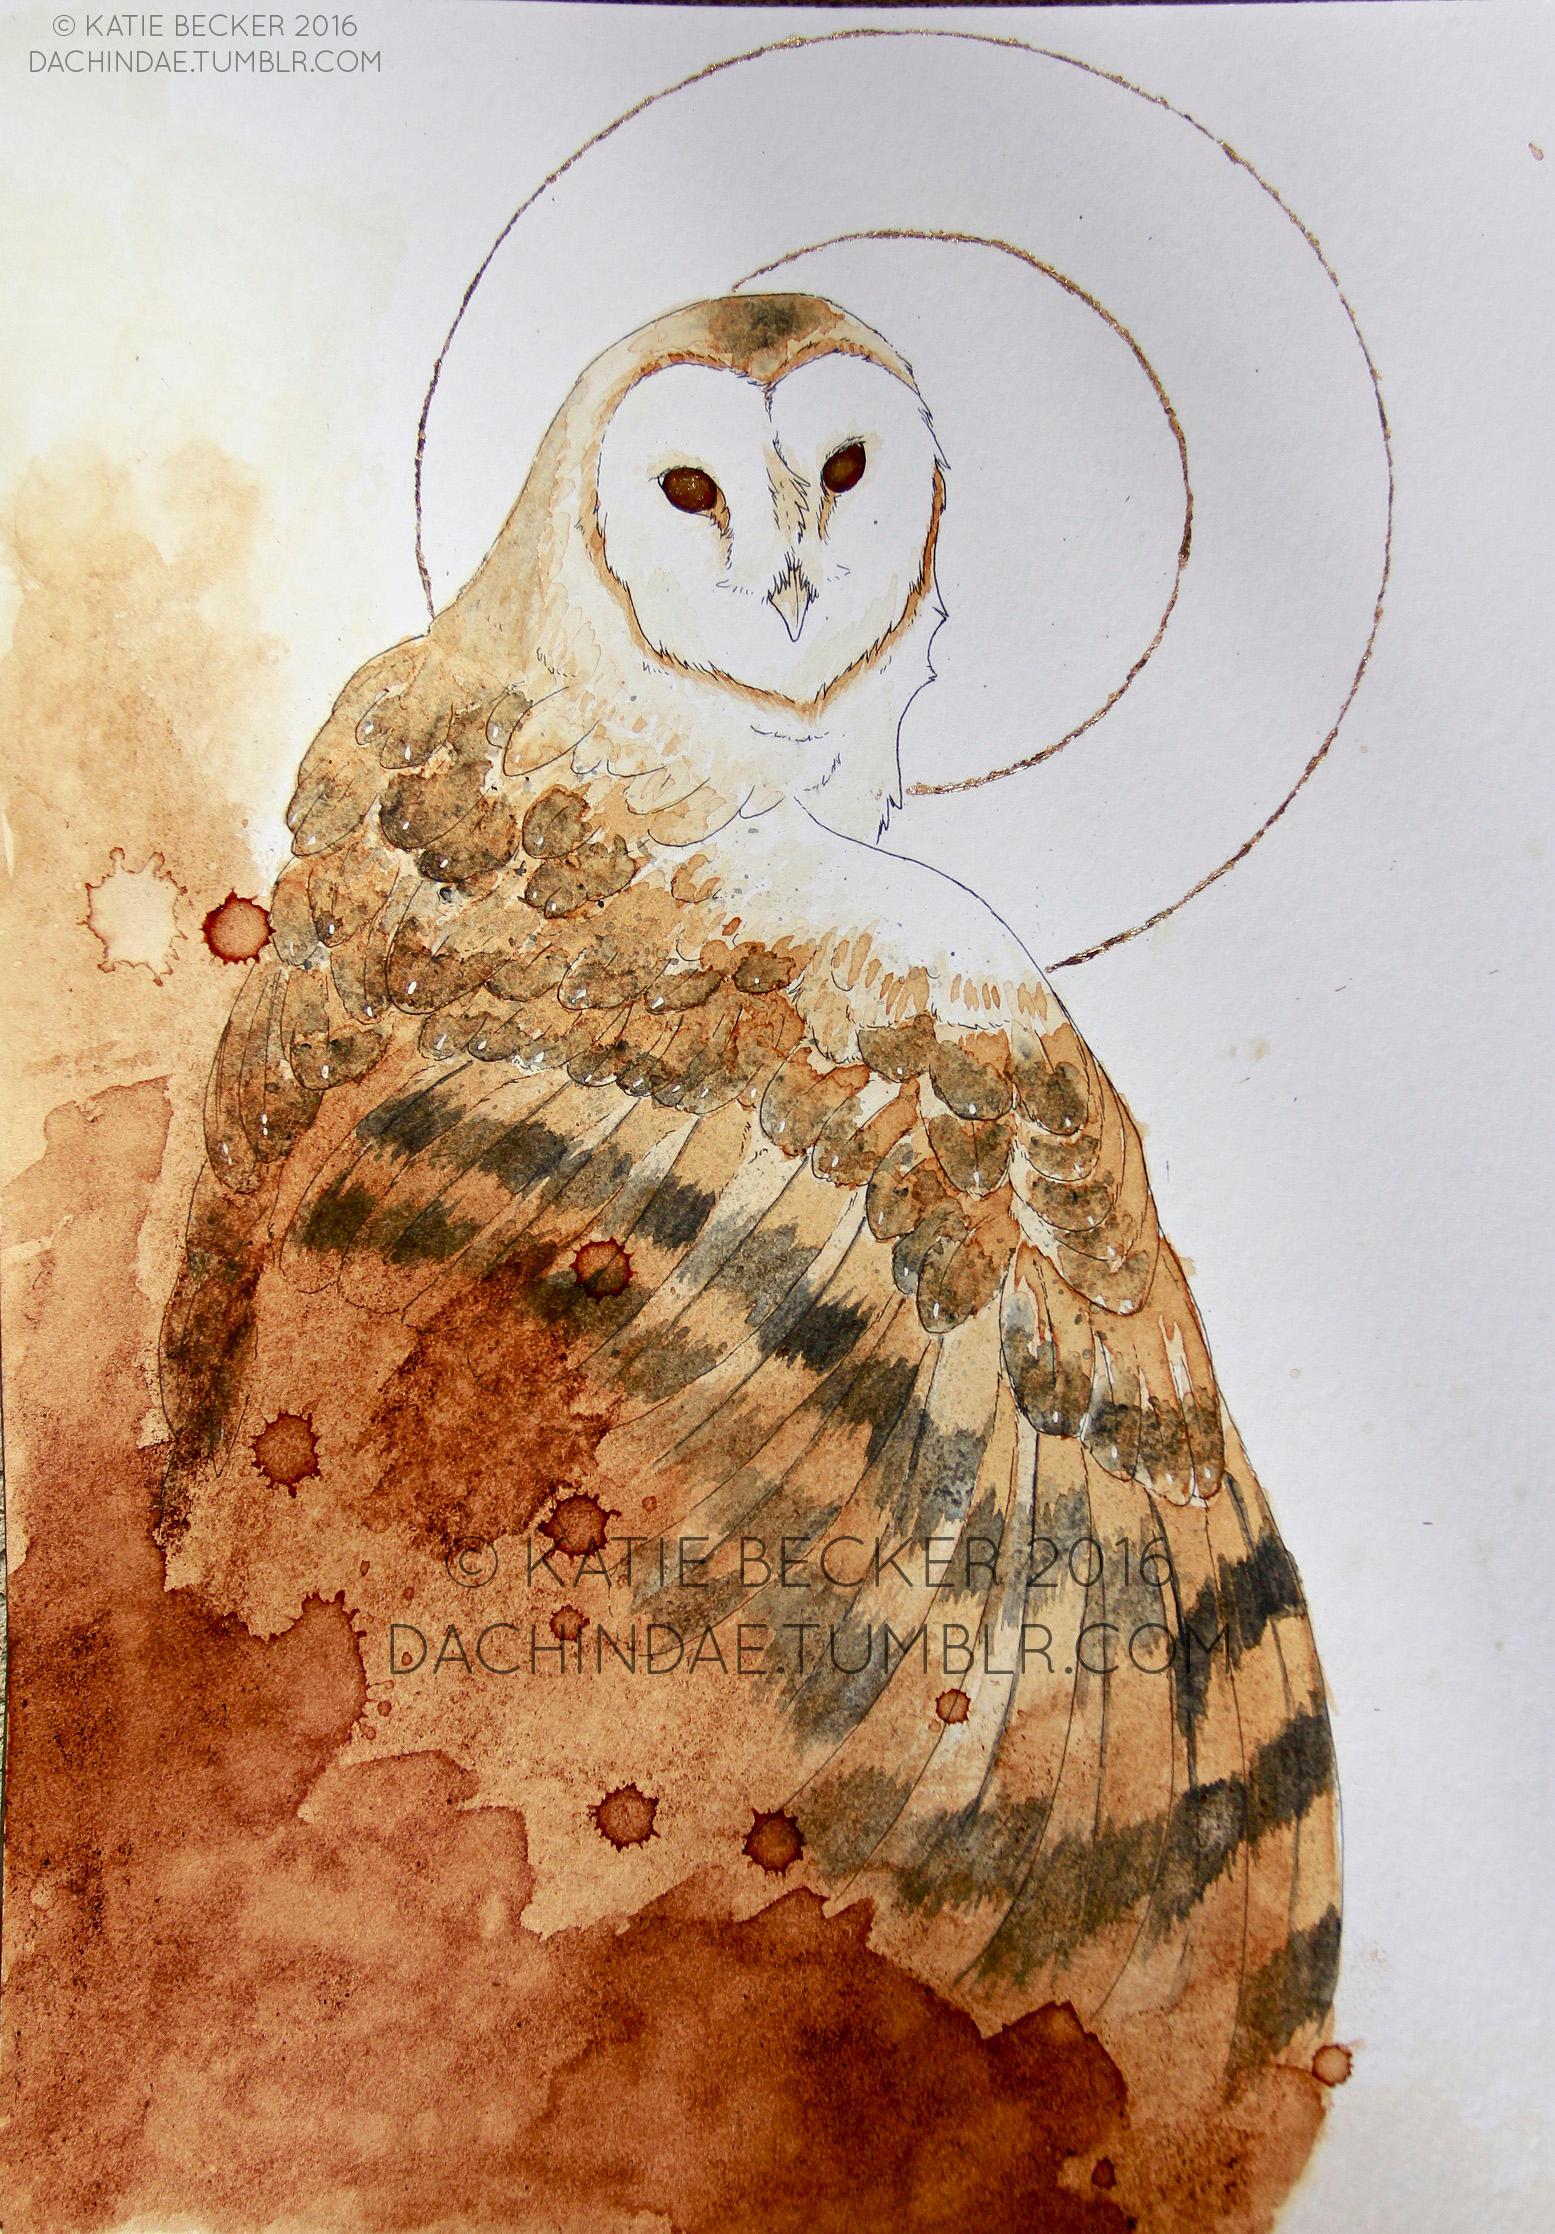 Coffee Owl by Dachindae